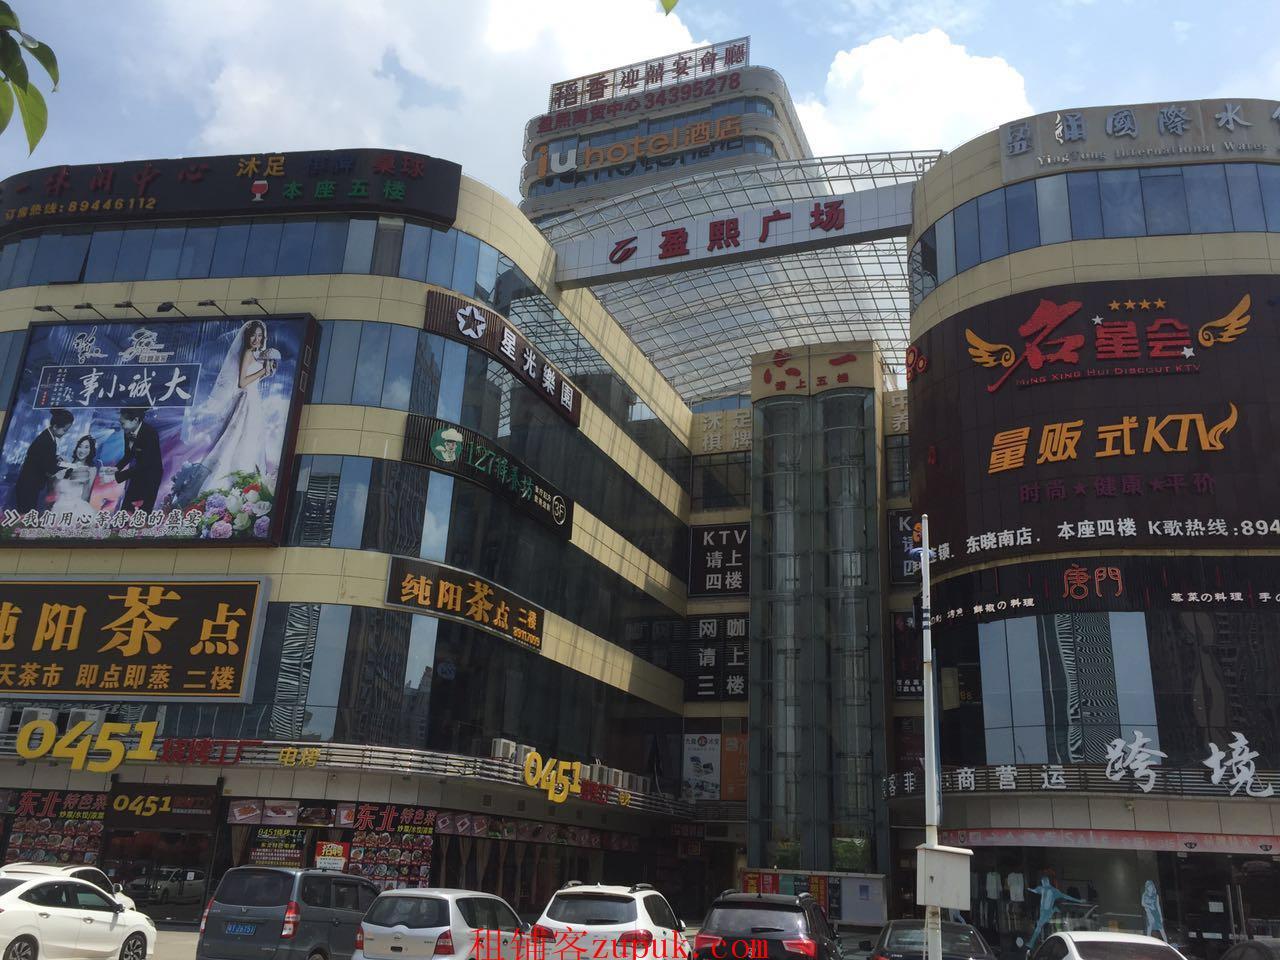 大型商场临街旺铺 明火餐饮 优惠直租 配套上千车位